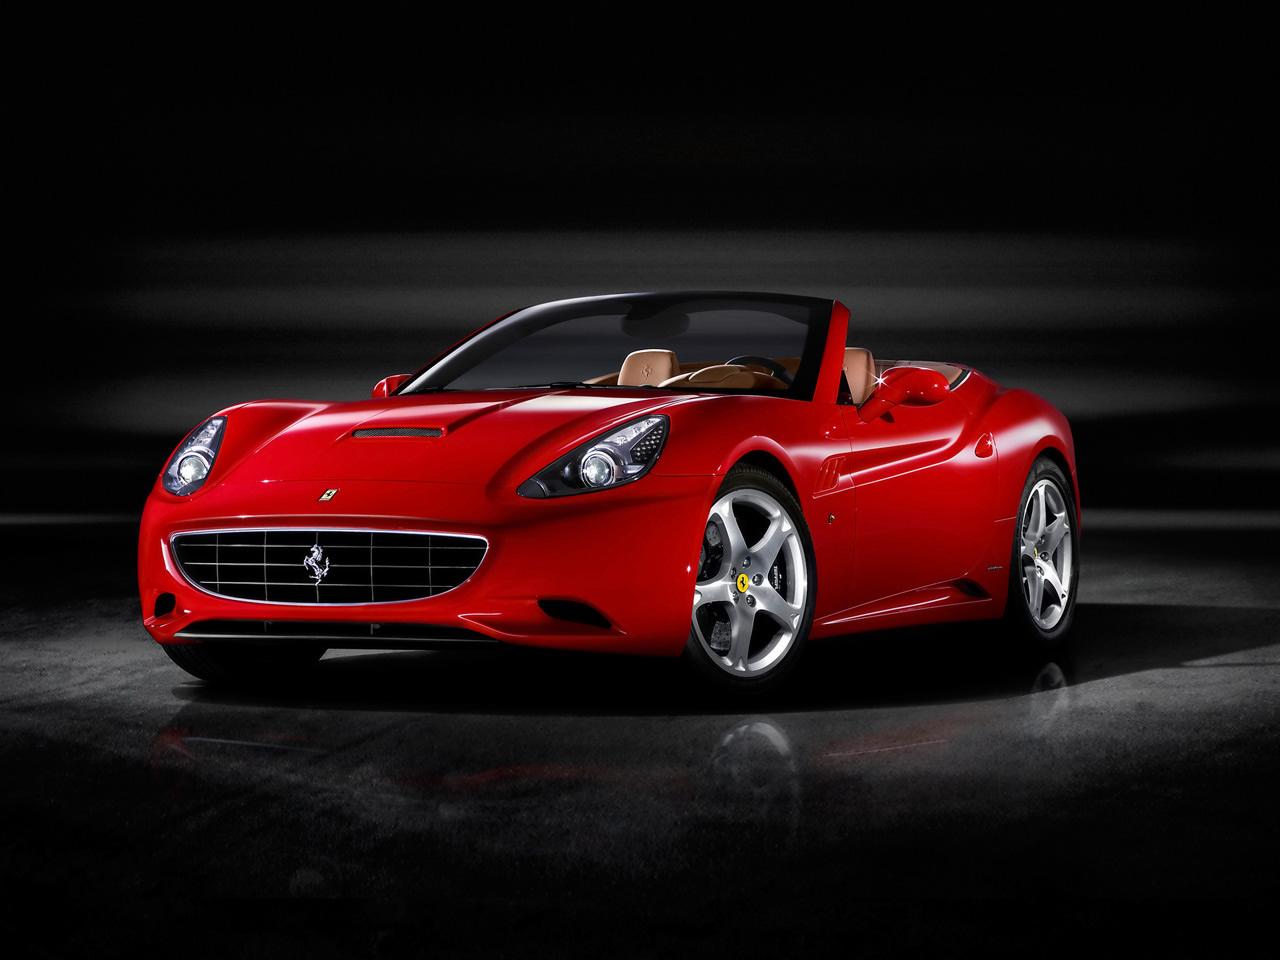 Hermoso Ferrari auto - 1280x960